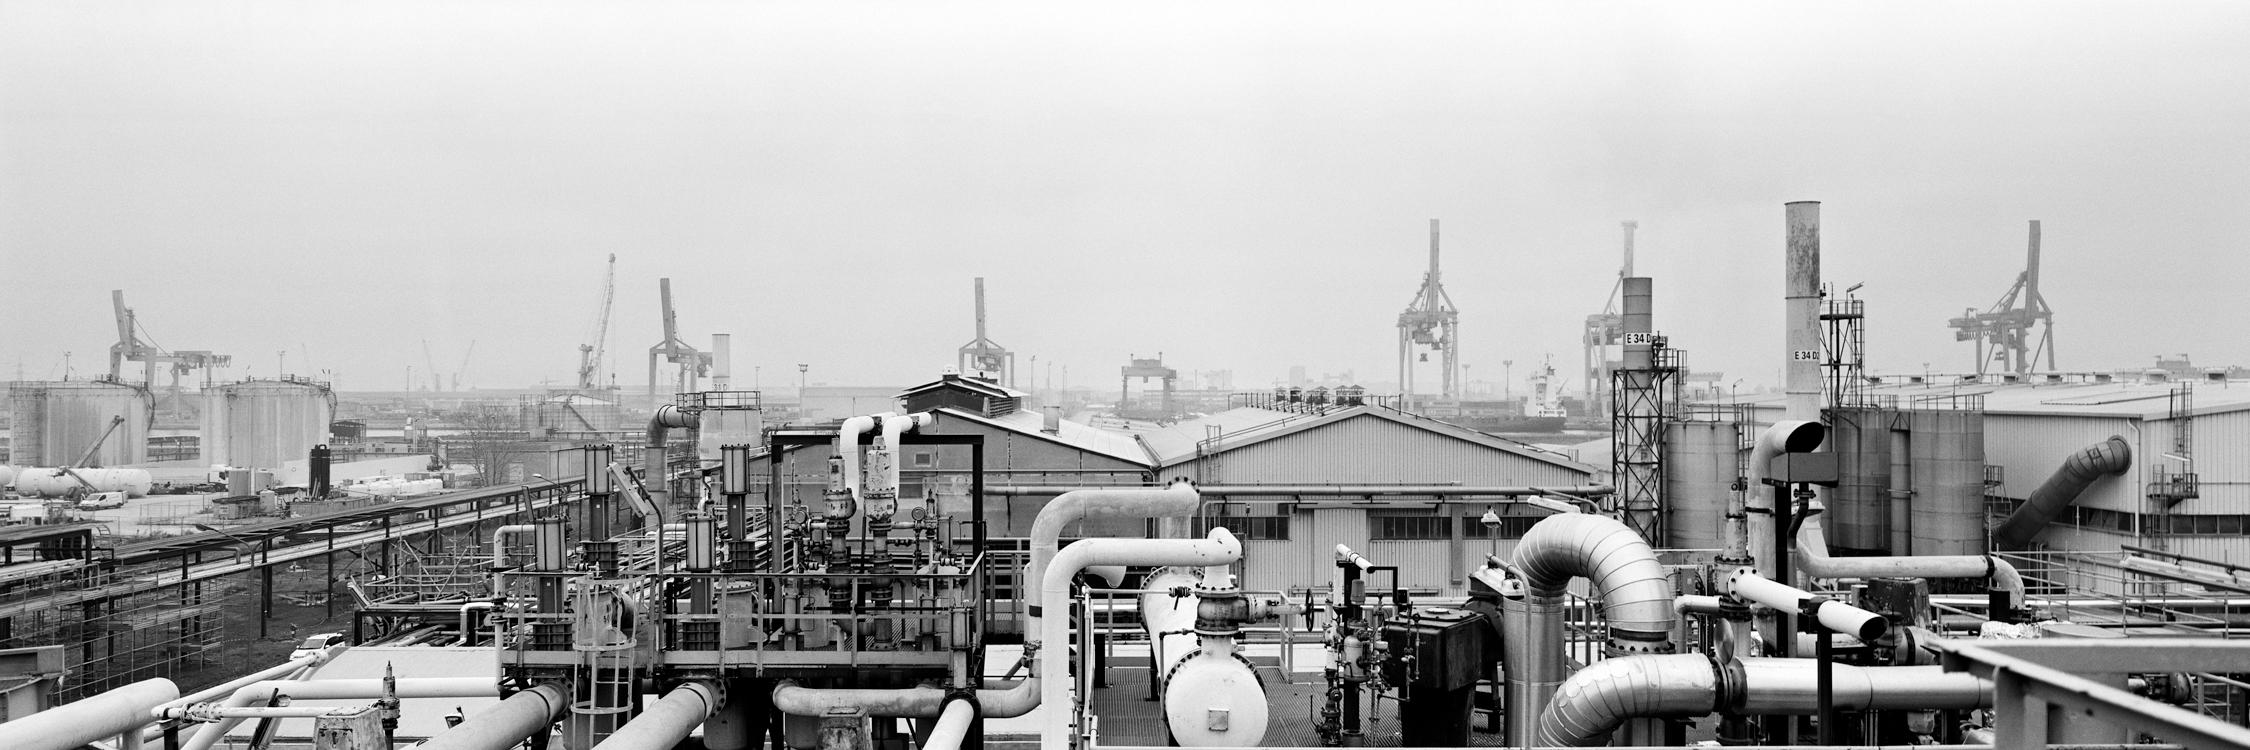 Paolo Pellegrin, Raffineria Versalis, Ravenna, 2013. Courtesy Fondazione MAXXI